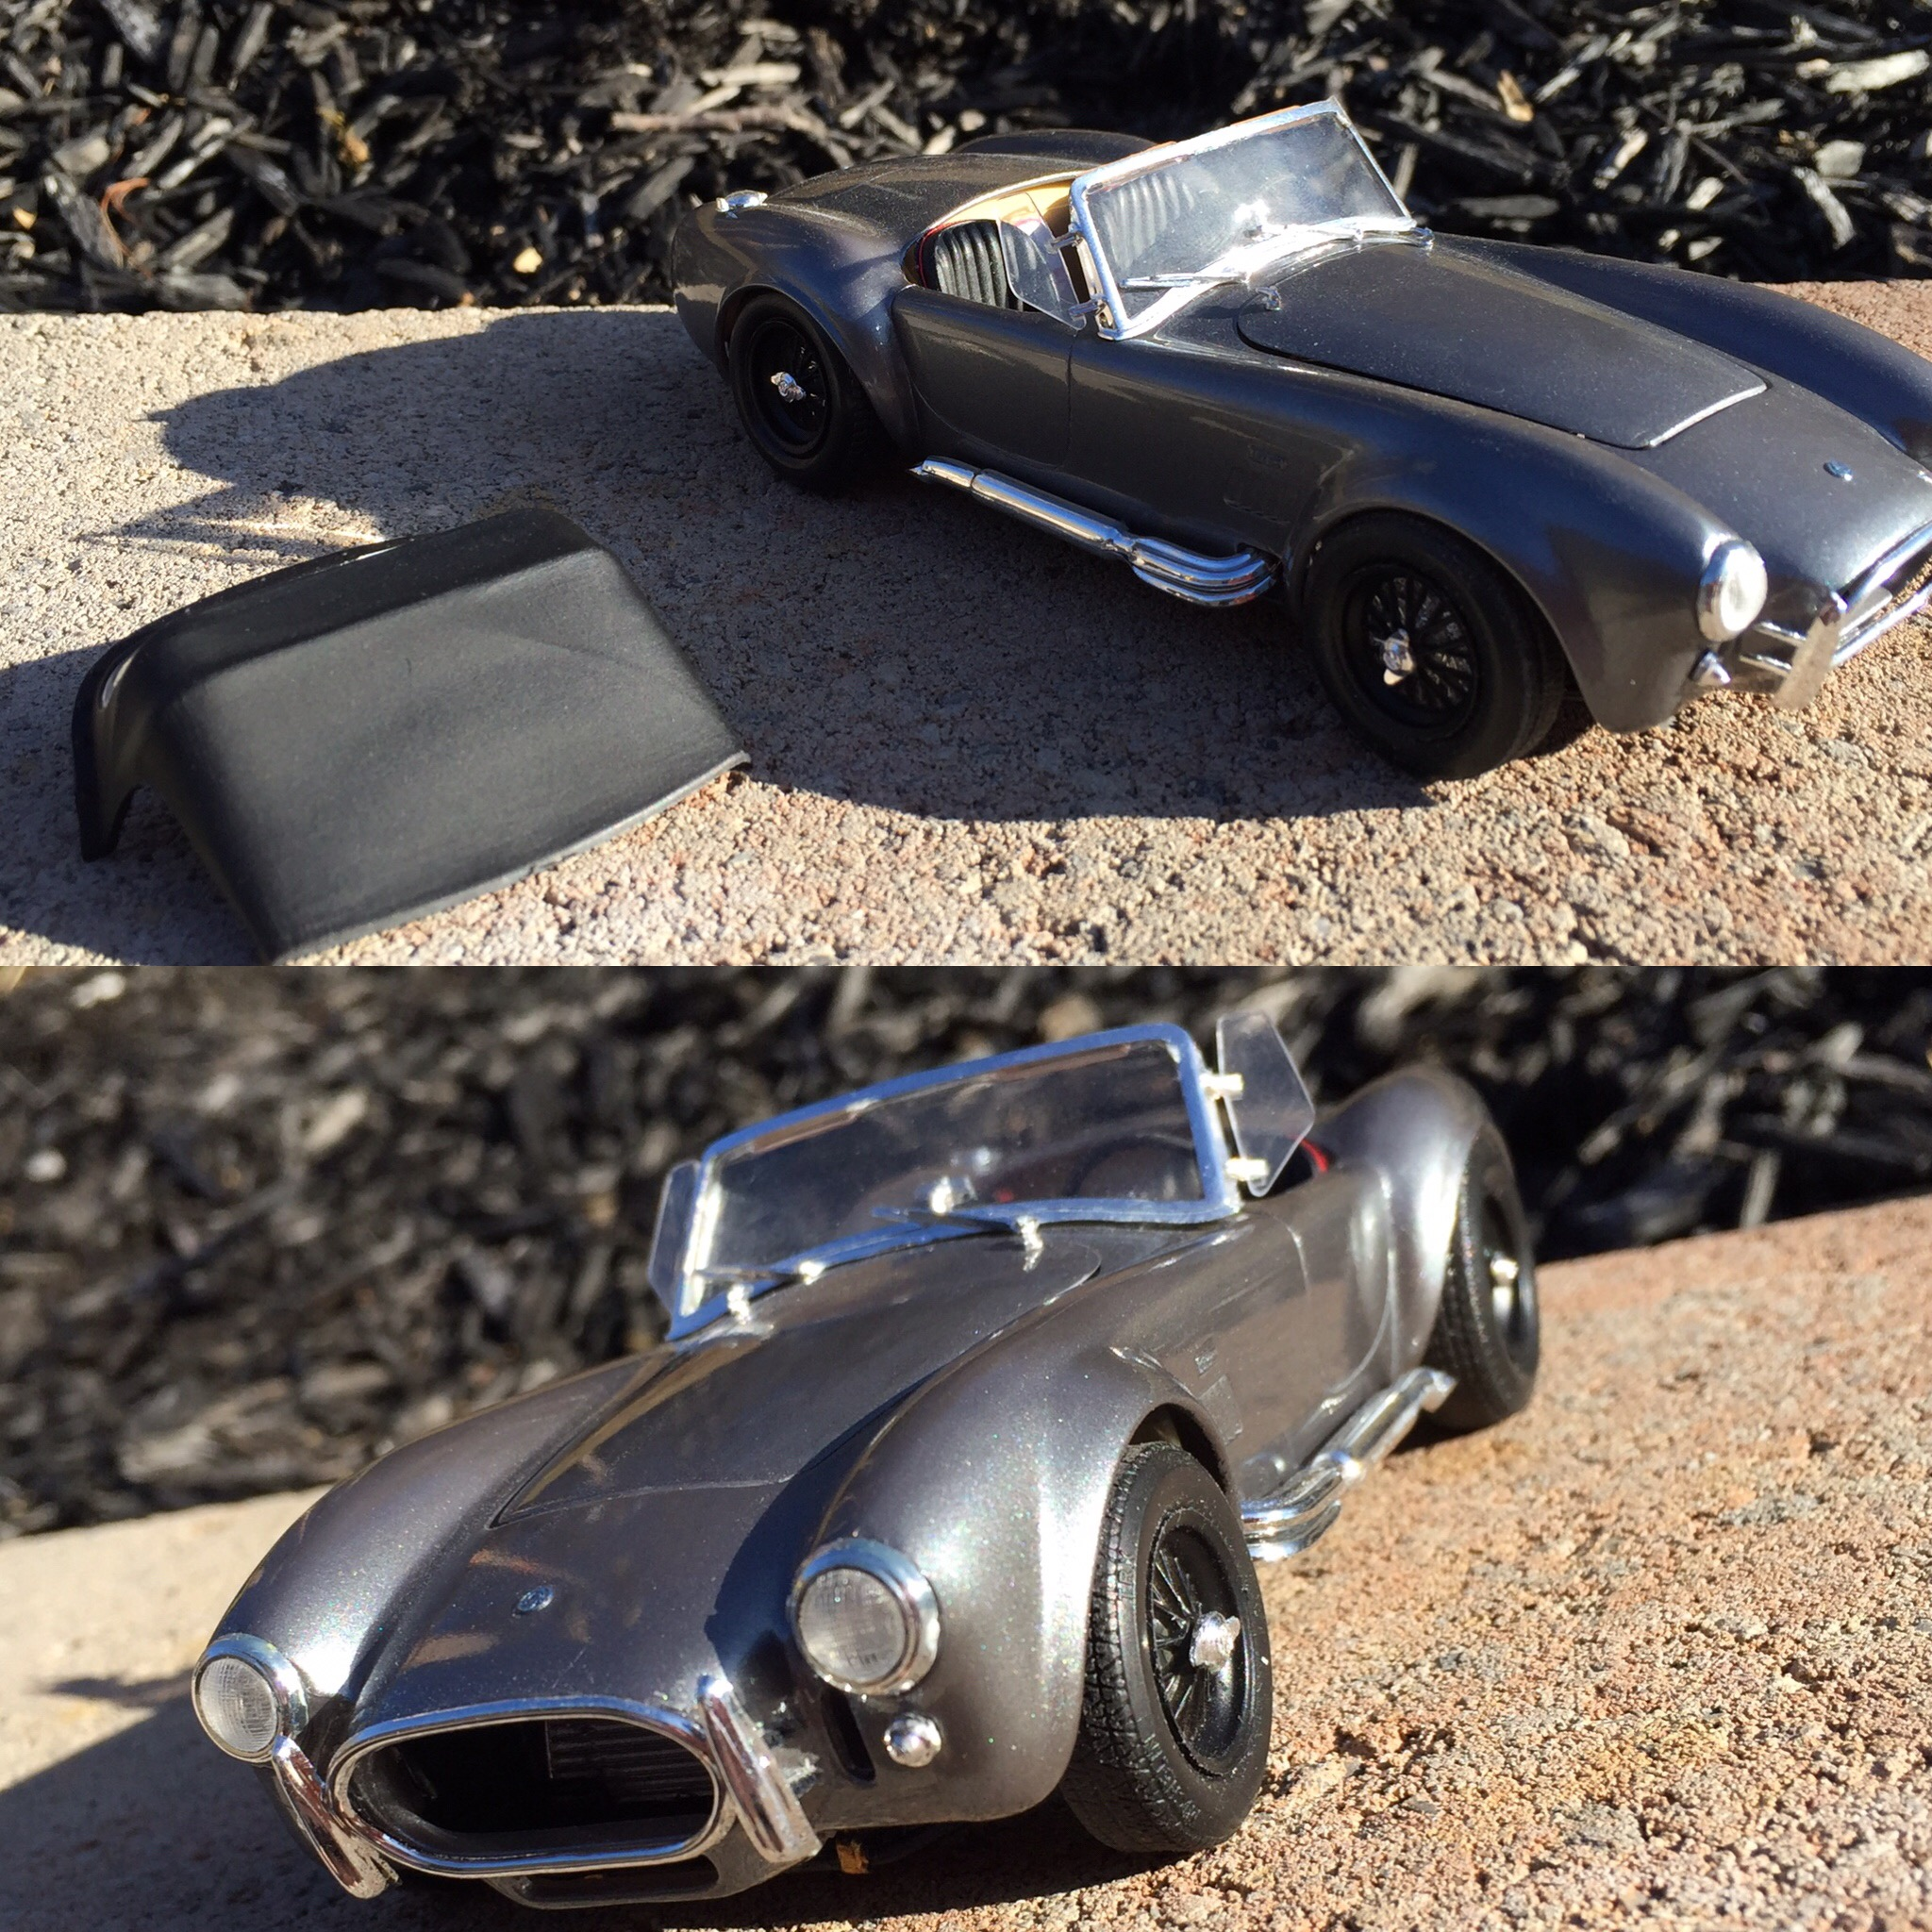 Revell/ Monogram Shelby Cobra S/C - Under Glass - Model Cars